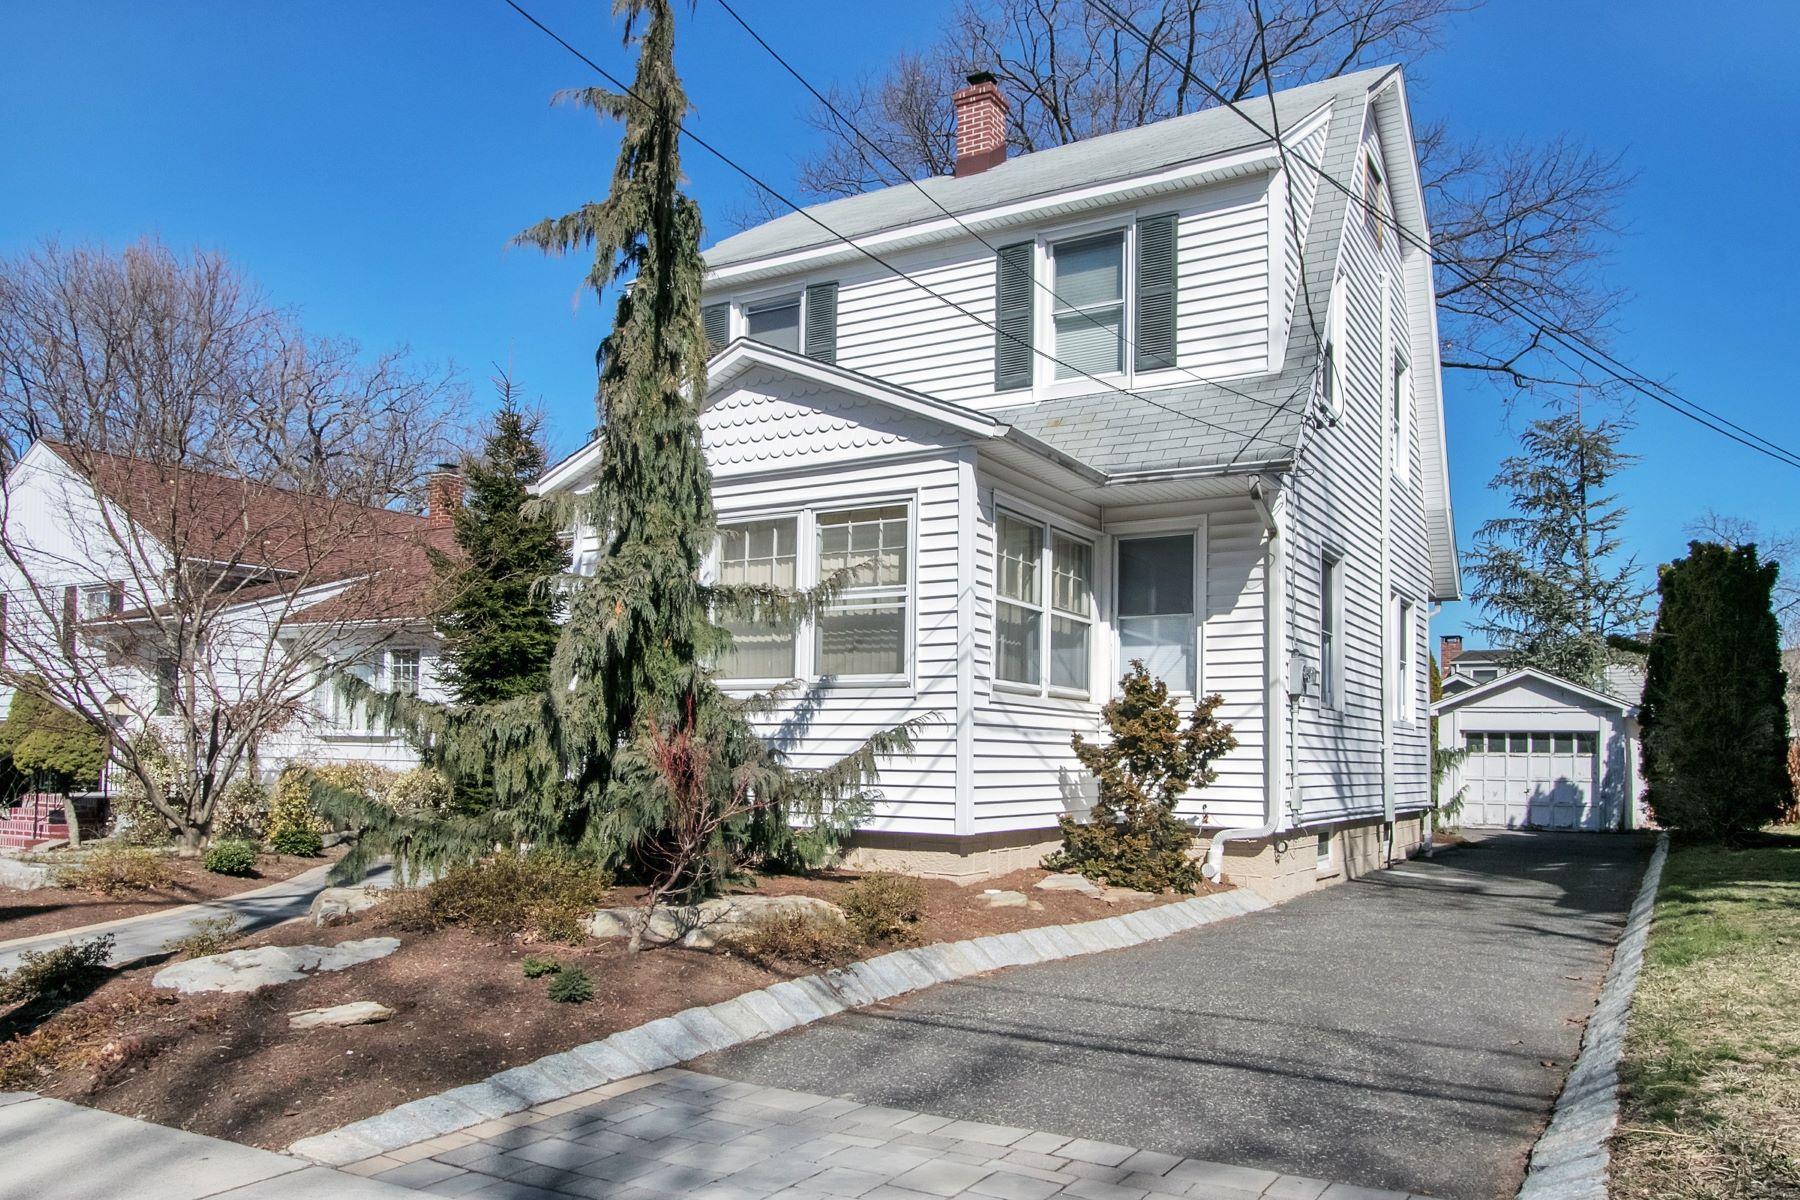 独户住宅 为 销售 在 Dumont Gem 56 W Linden Ave, 杜蒙特, 新泽西州 07626 美国